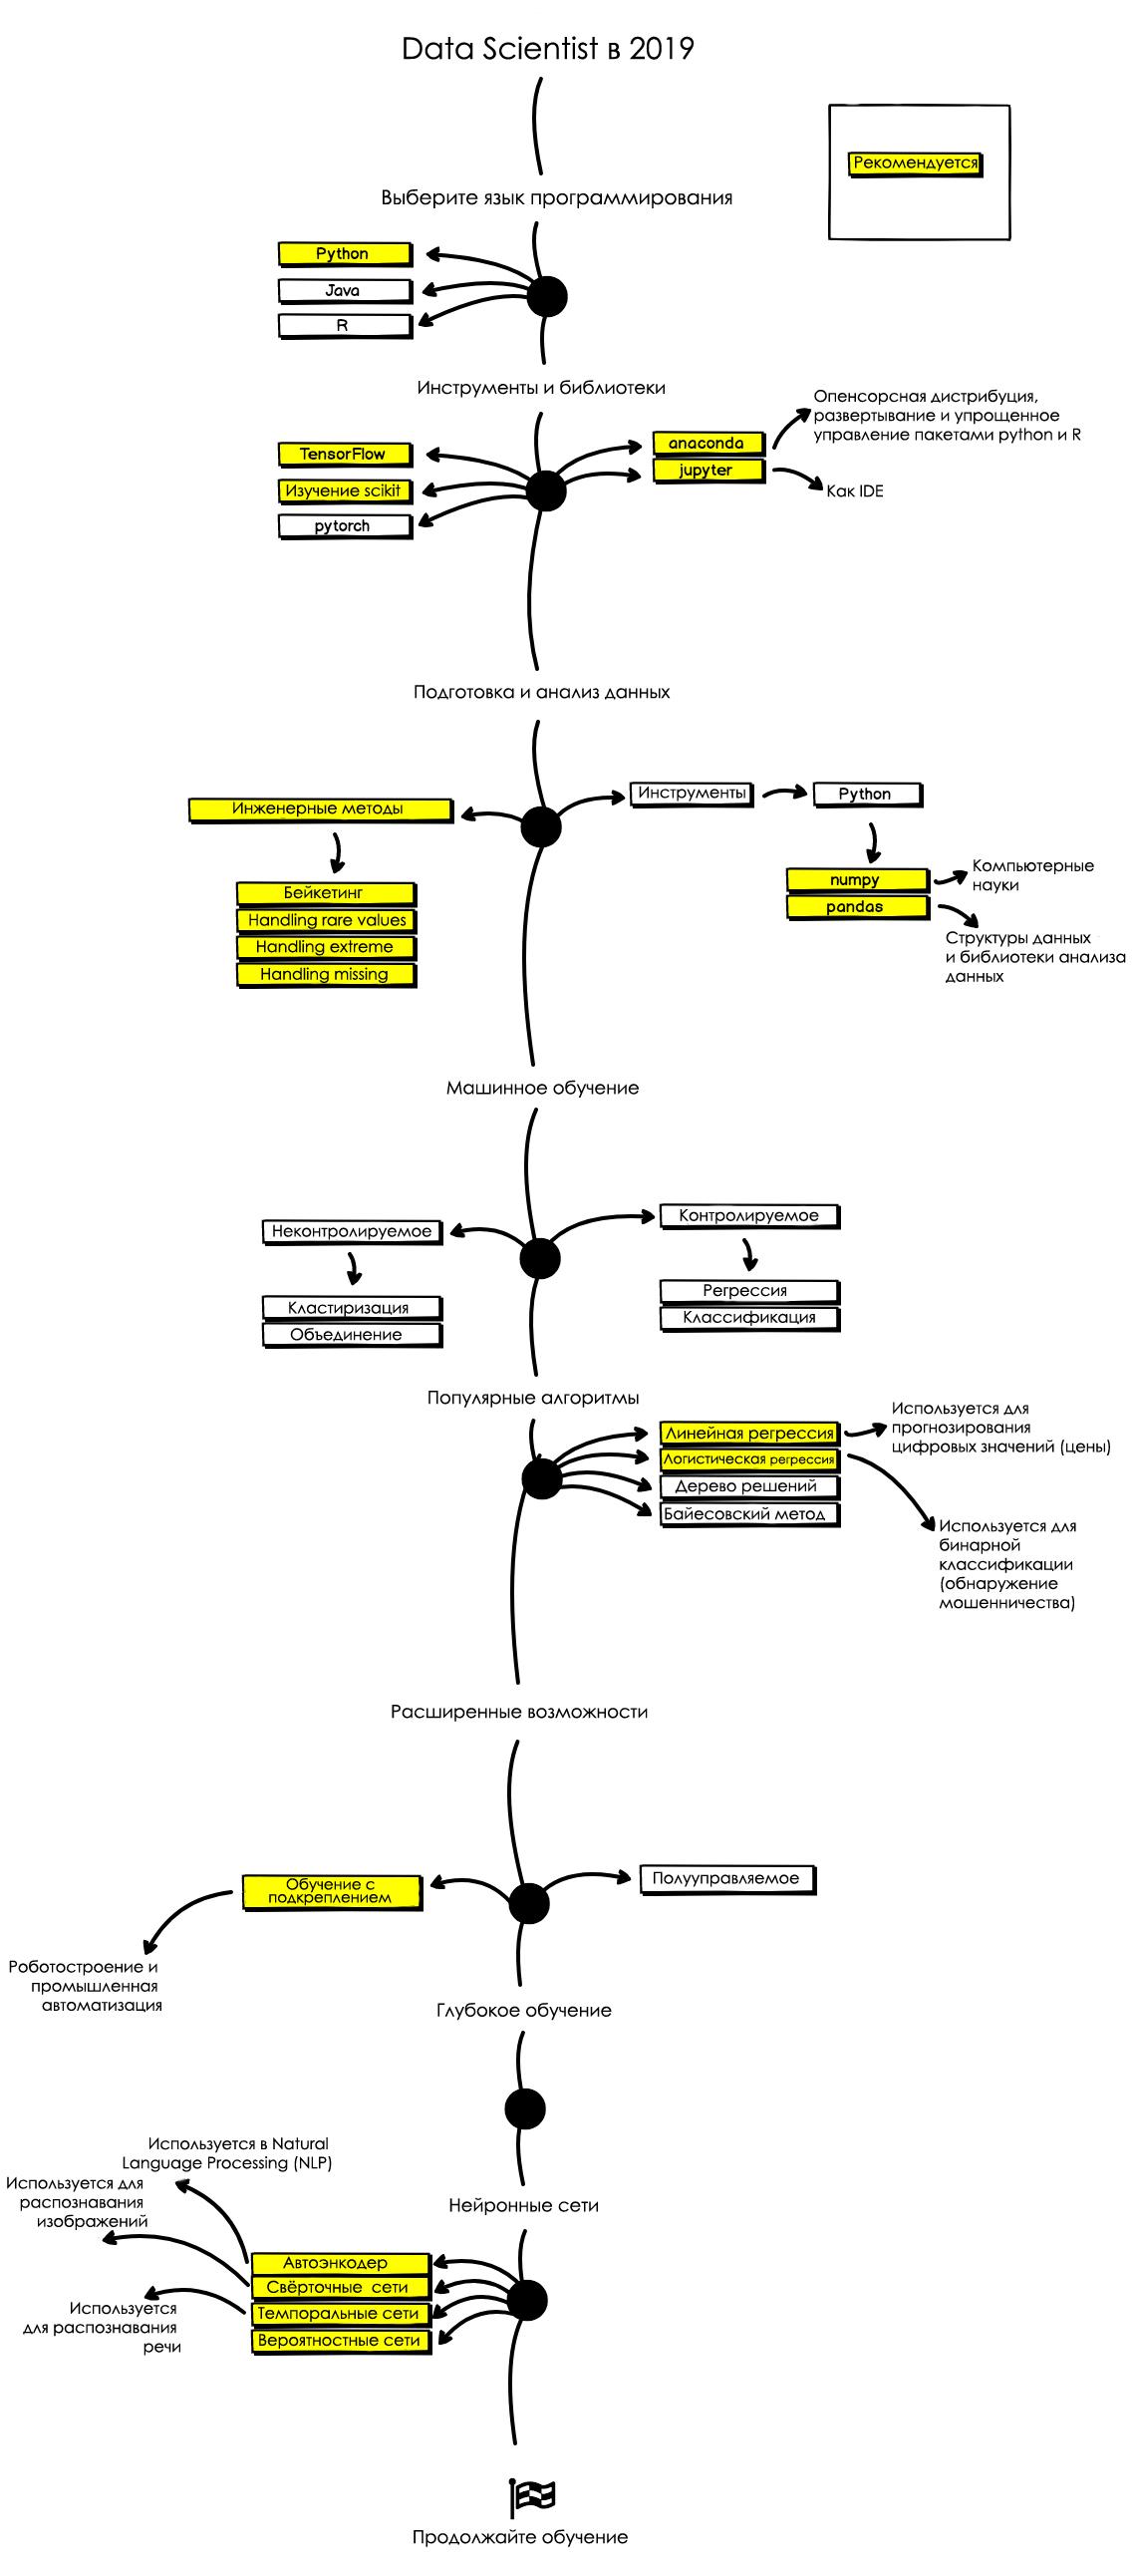 Схема успешного развития data-scientist специалиста в 2019 году